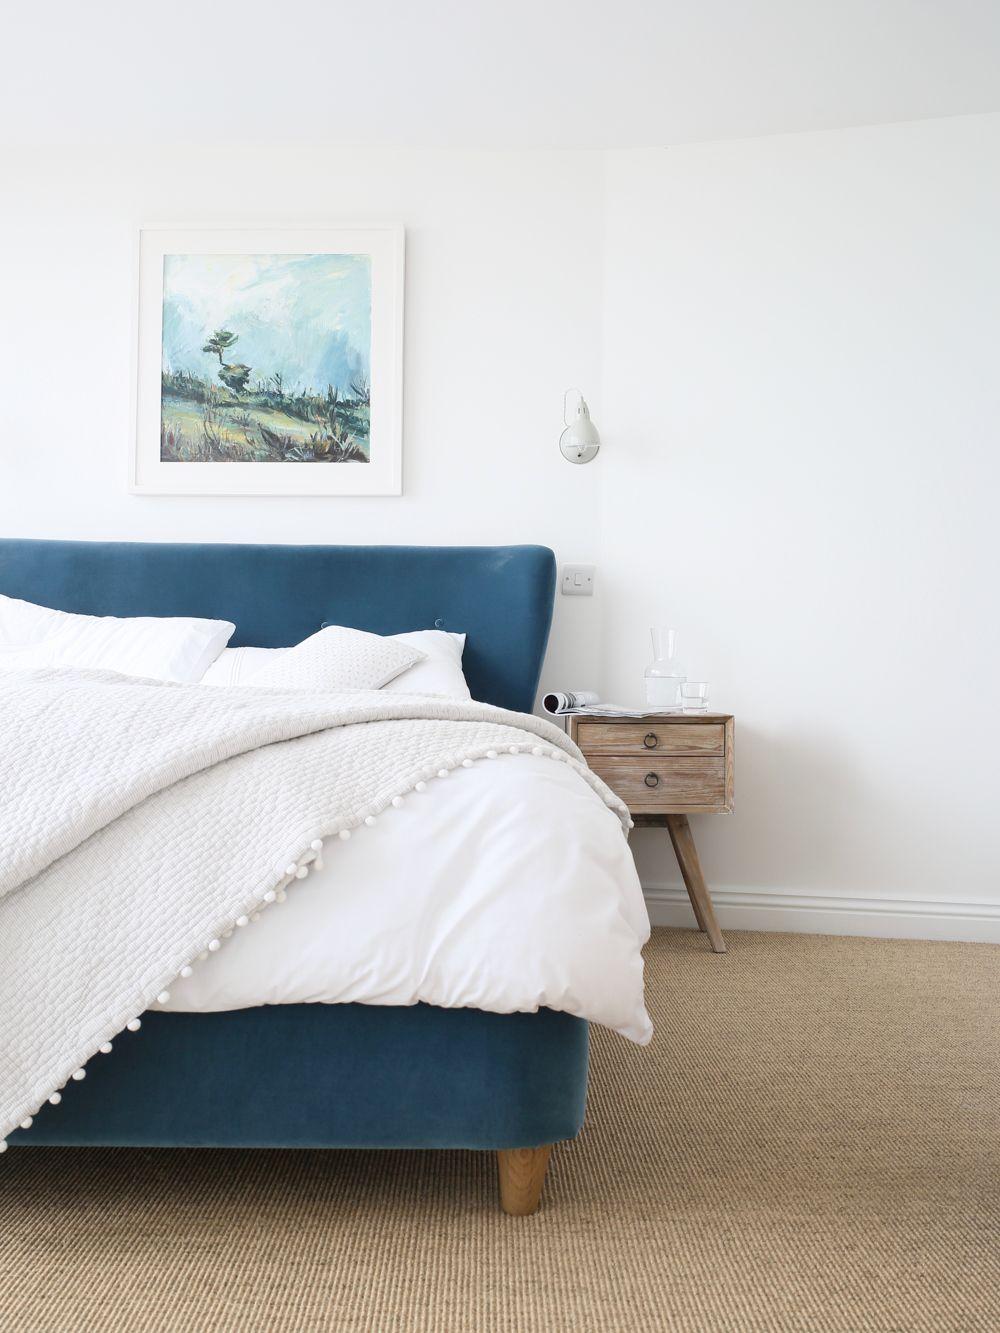 Best Delphin Blue Headboard Green Headboard Home Bedroom 640 x 480